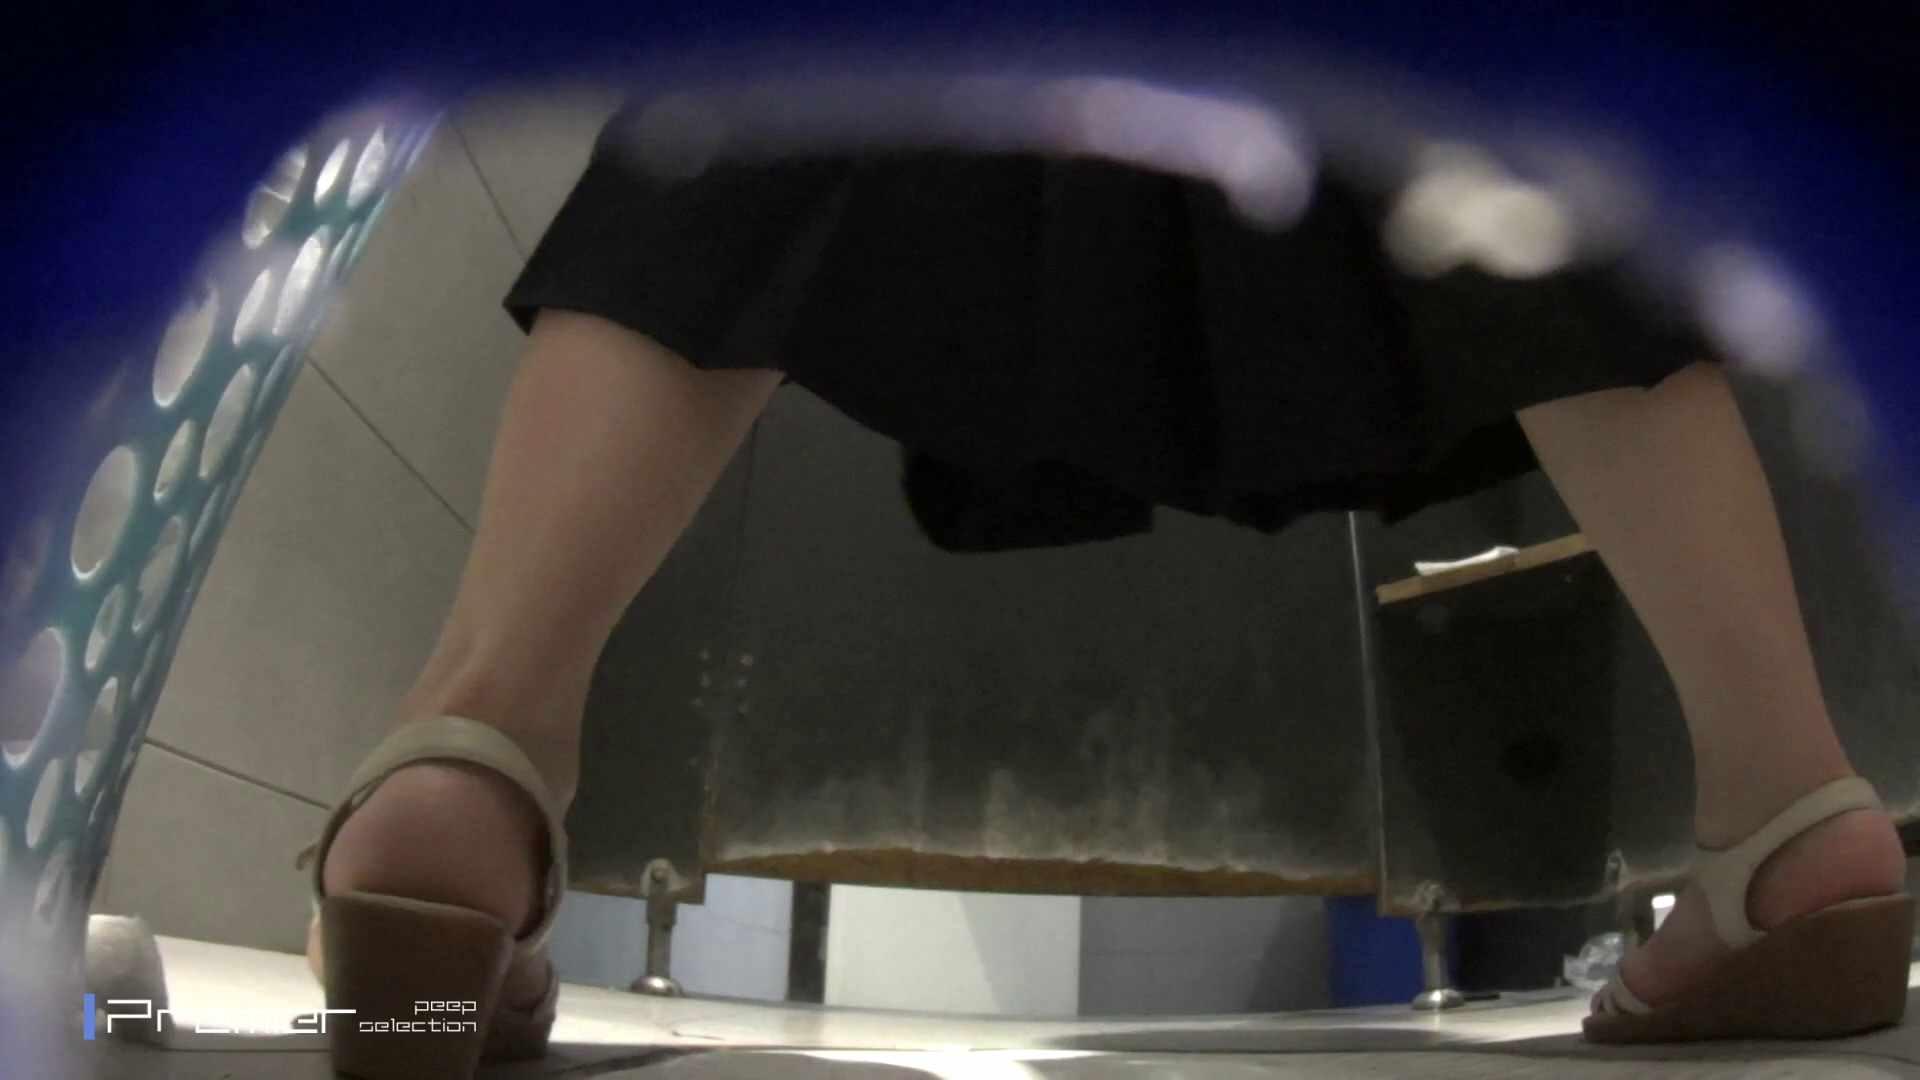 ポッチャリ好きは必見!大学休憩時間の洗面所事情66 エッチすぎるお姉さん | 盗撮映像大放出  88連発 13